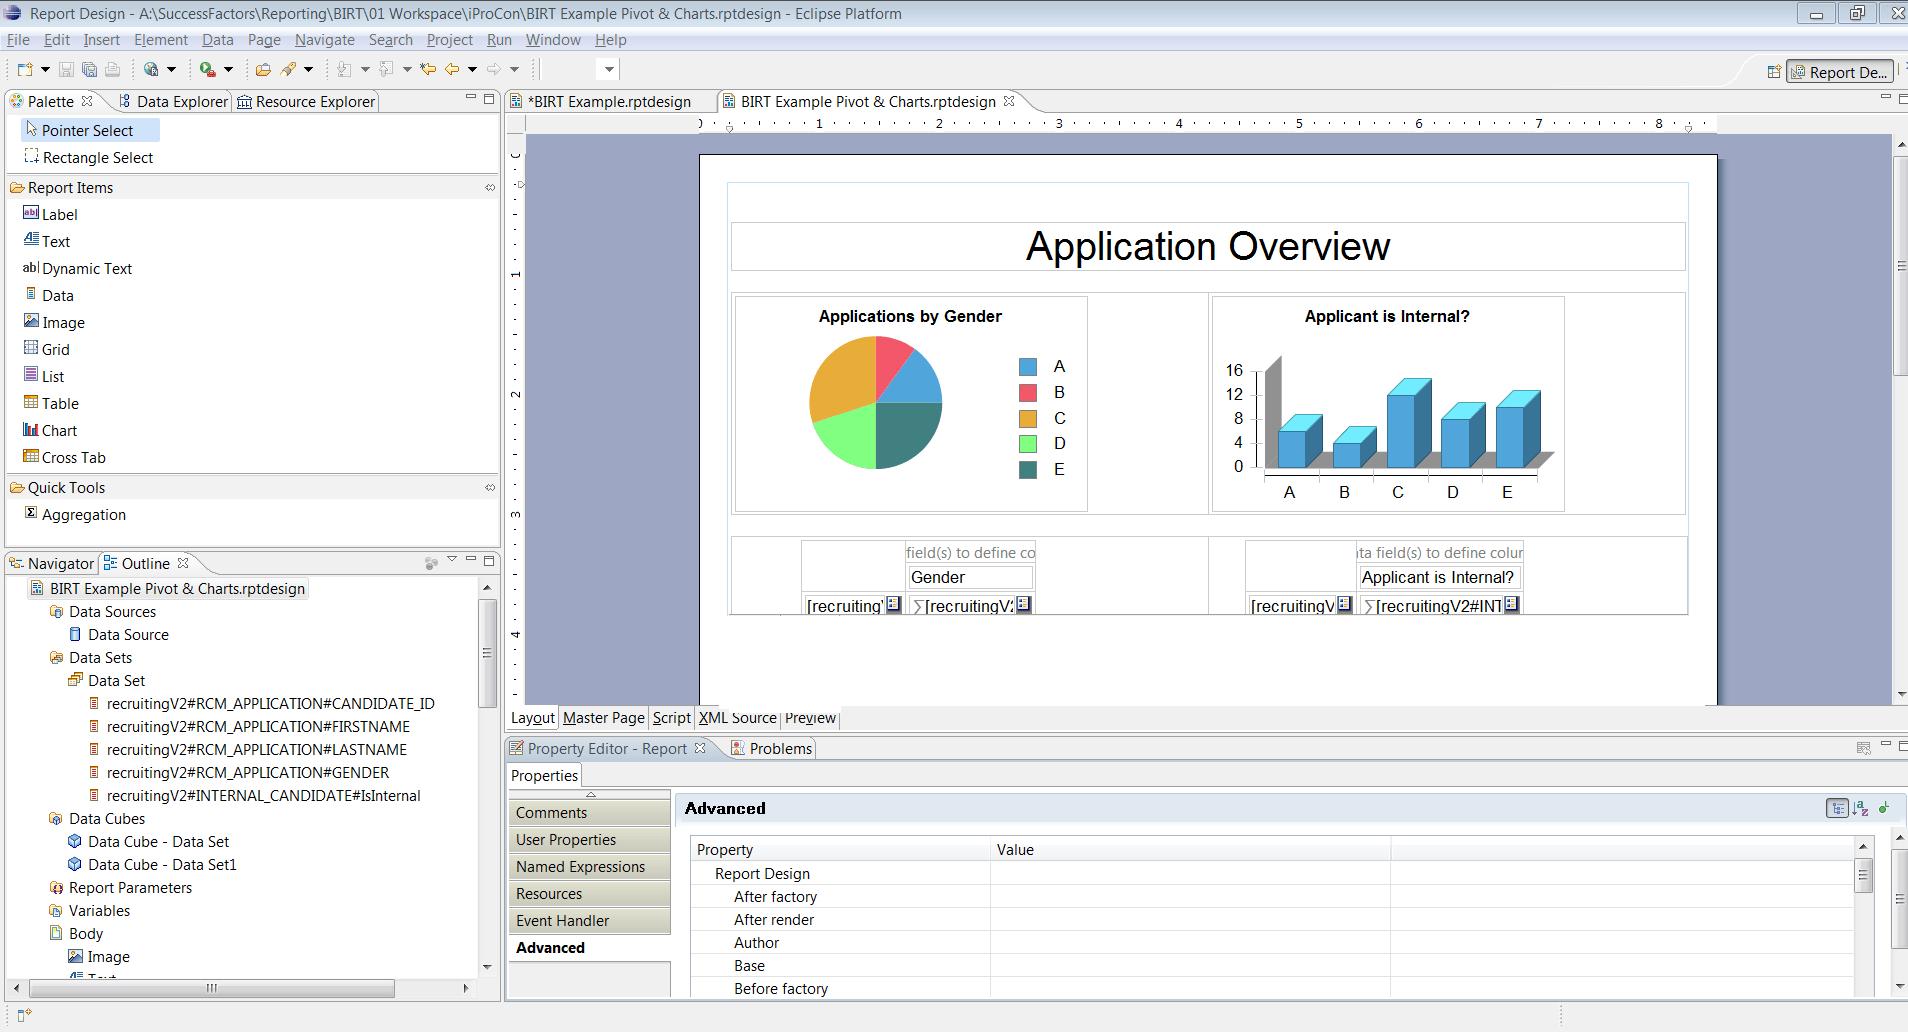 Birt Report Templates In Sap Successfactors – Part 3 - Ixerv For Birt Report Templates